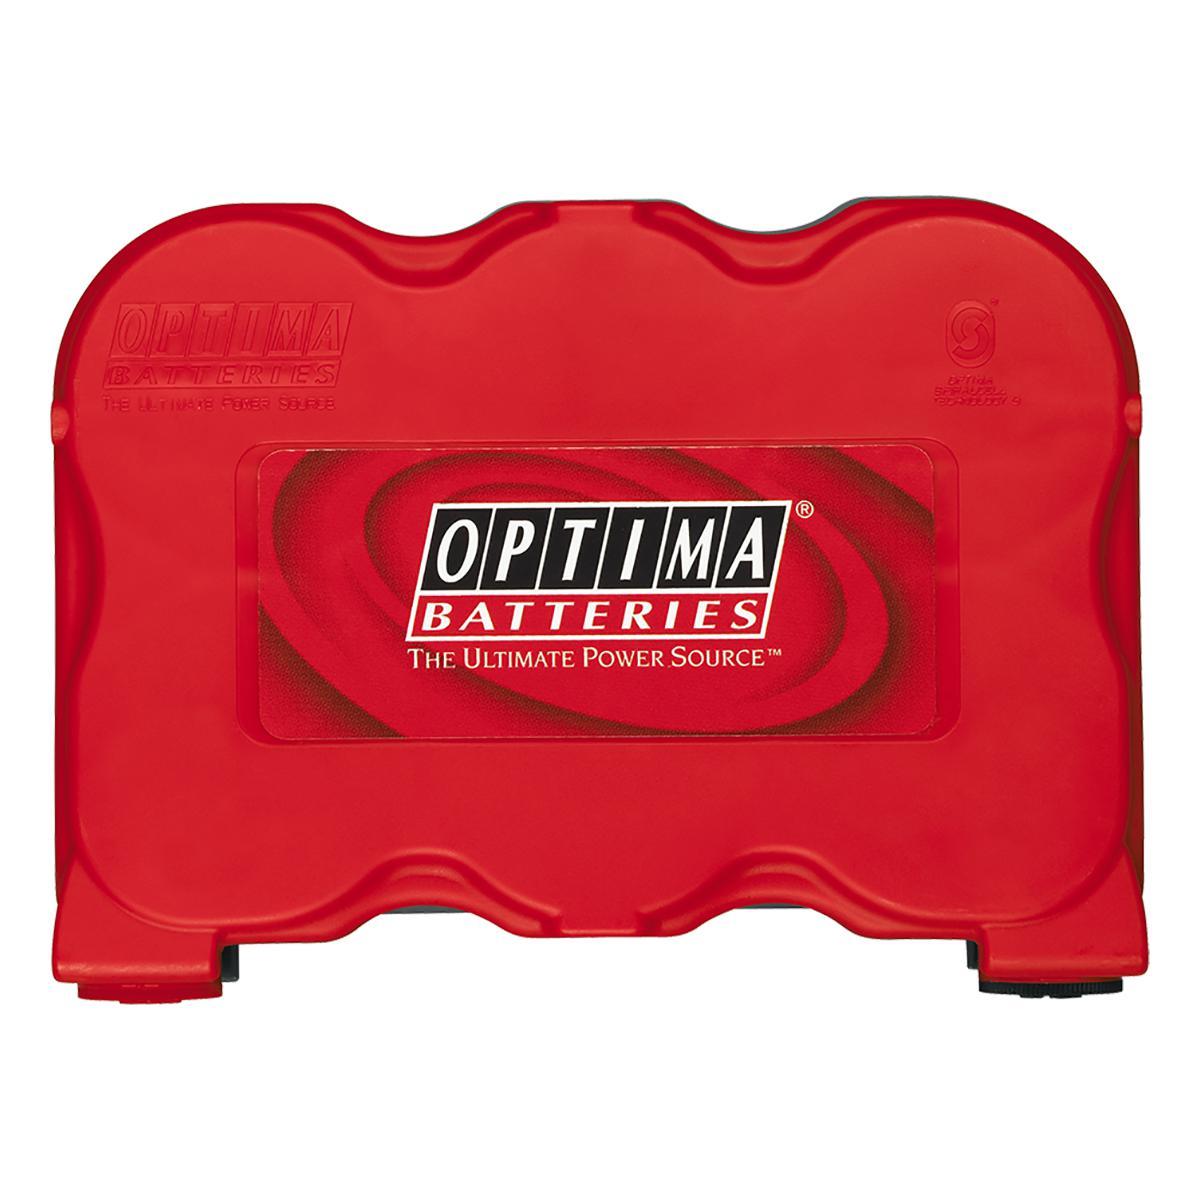 BATTERIE OPTIMA REDTOP RTF4.2 OPTIMA